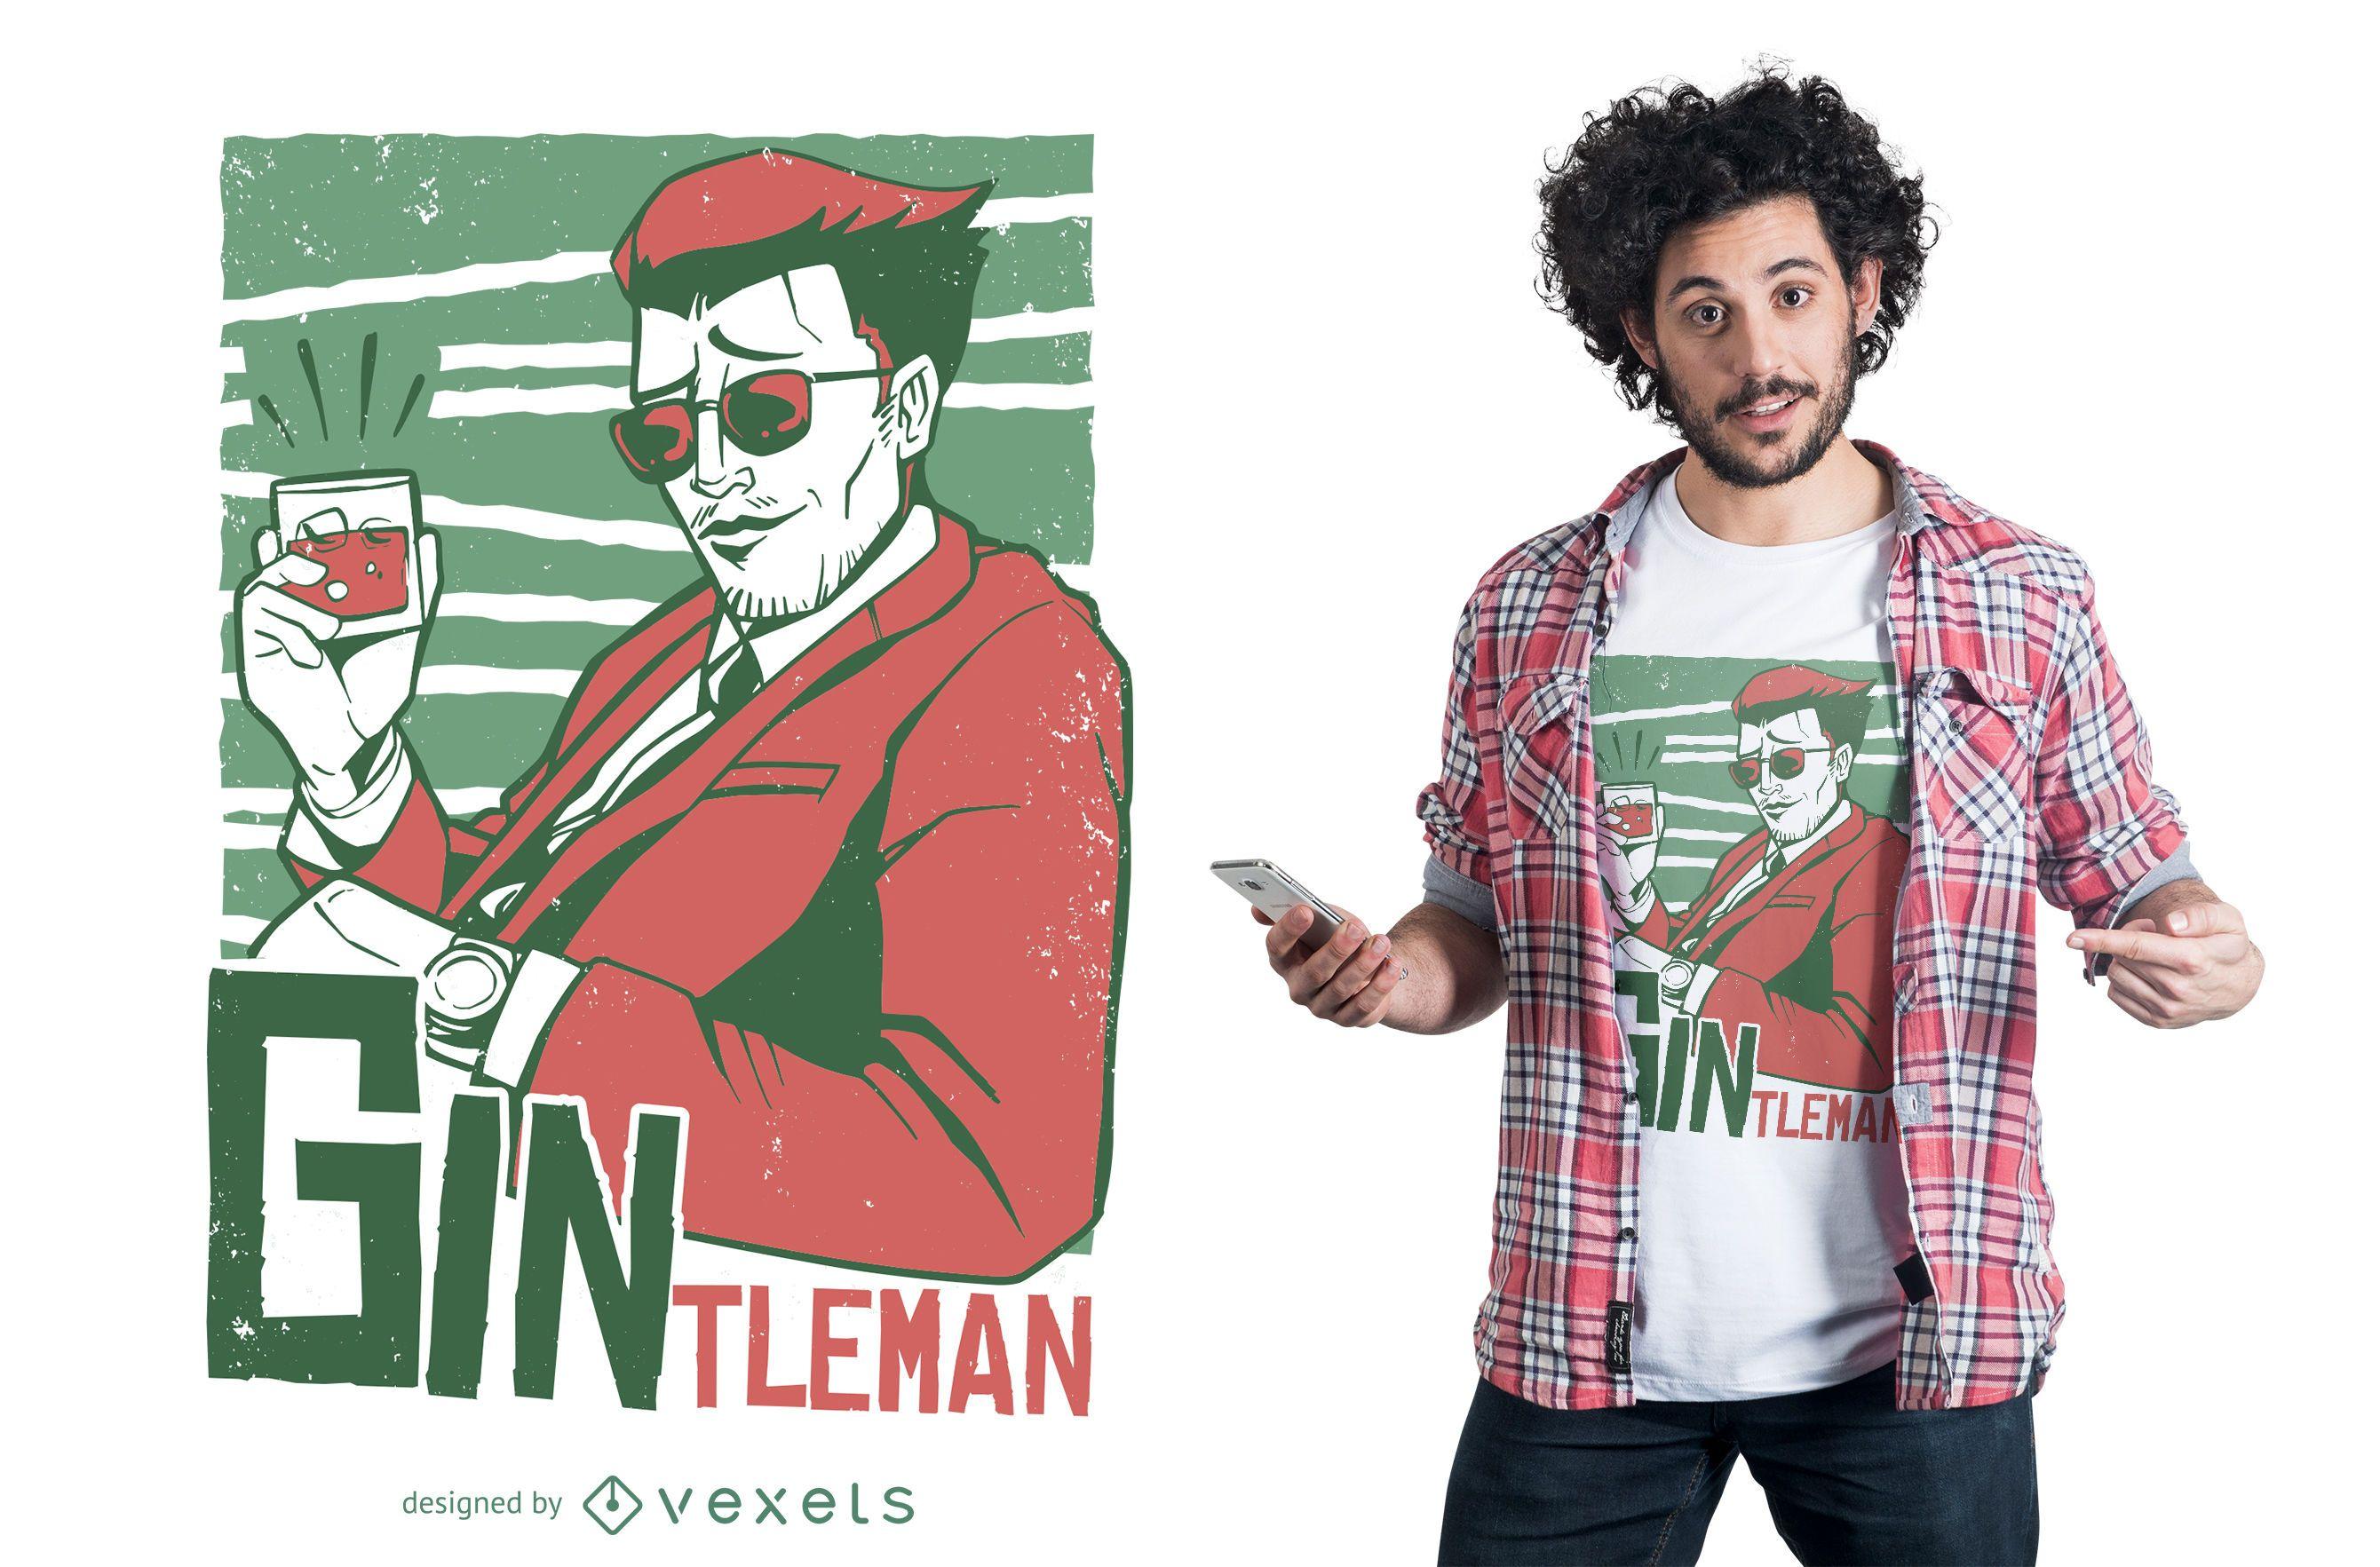 Gin gentleman t-shirt design